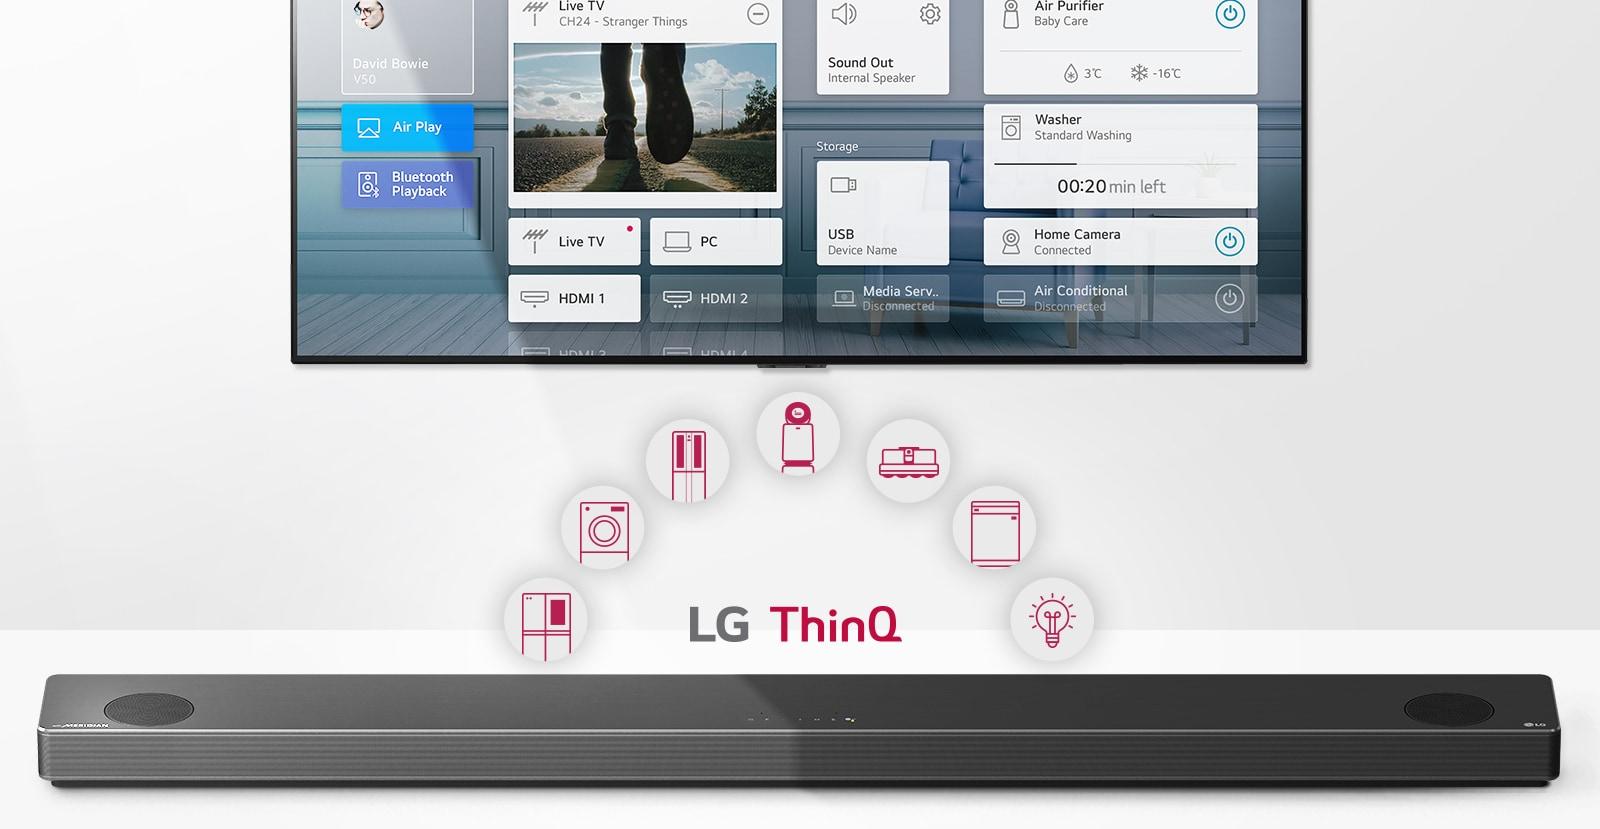 An der Wand hängender Fernseher. Die LG Sound Bar befindet sich unter dem Fernseher. Das LG-ThinQ-Logo und die Gerätesymbole werden zwischen dem Fernseher und der LG Sound Bar dargestellt.